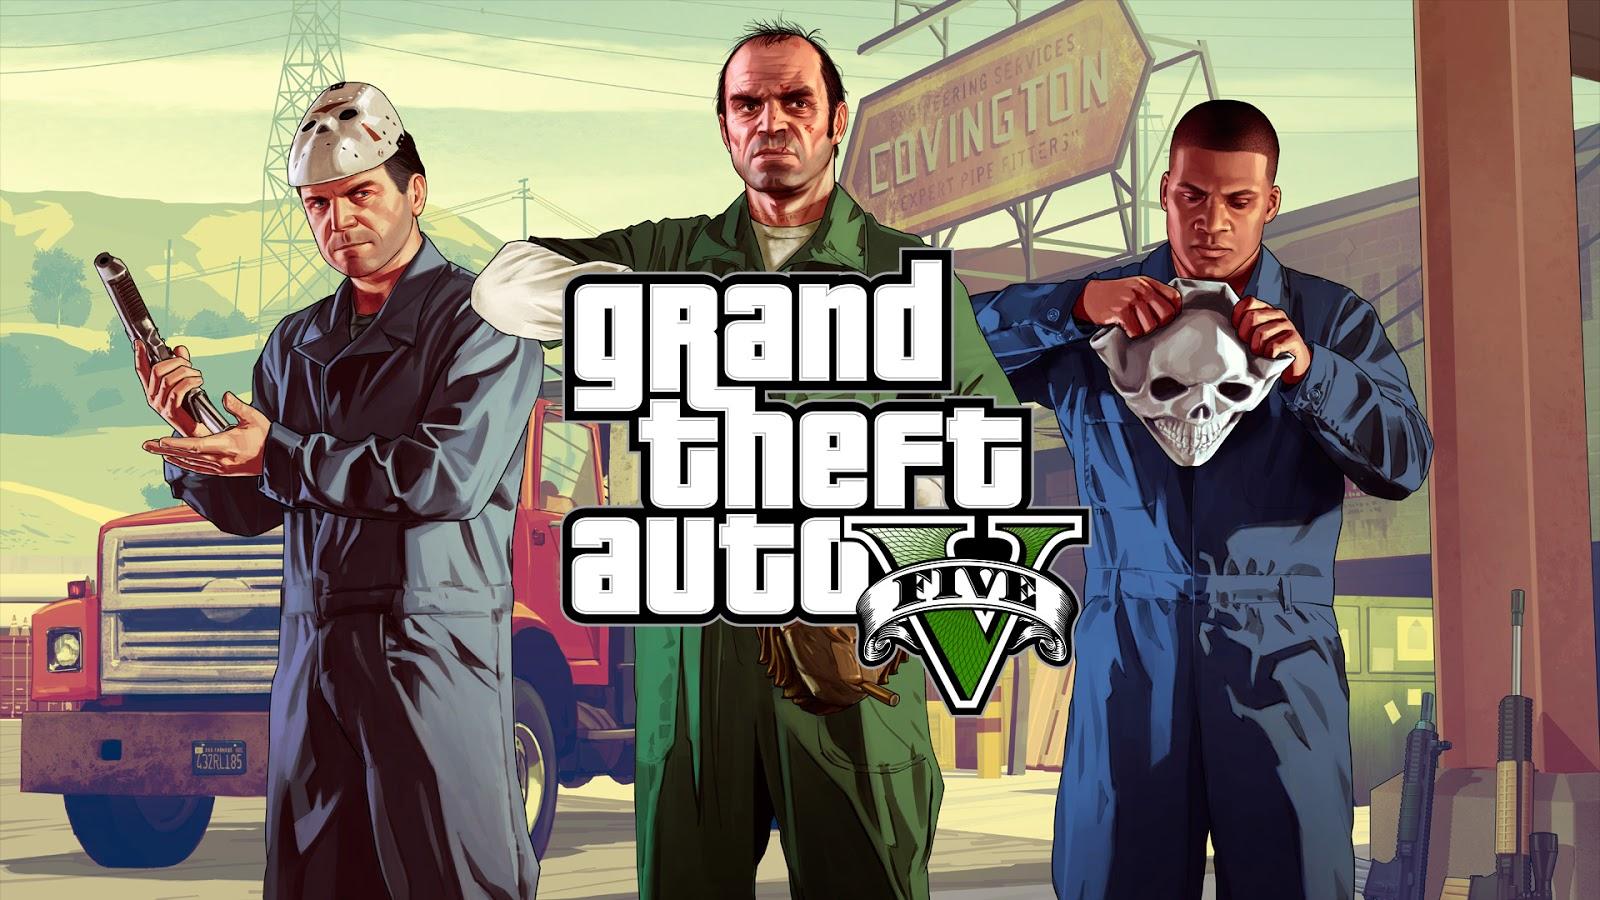 لعبة Gta V متوفرة الآن بسعر جد مناسب على متجر Playstation Store هذه فرصتك لتجربتها